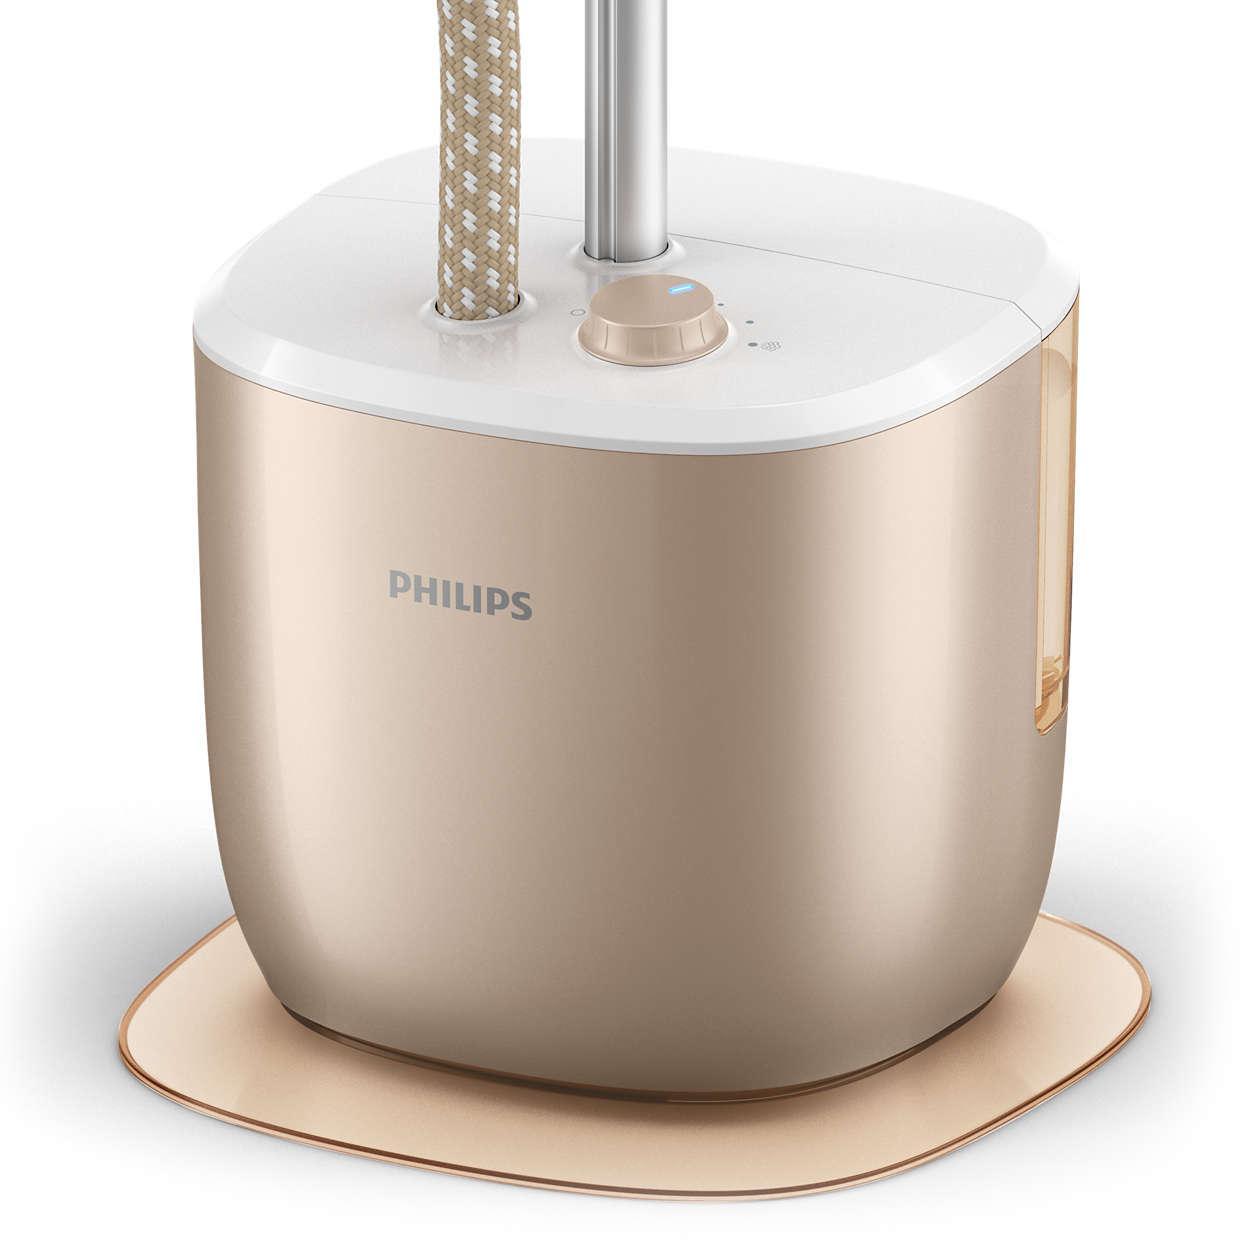 Bàn ủi hơi nước đứng Philips GC522 13